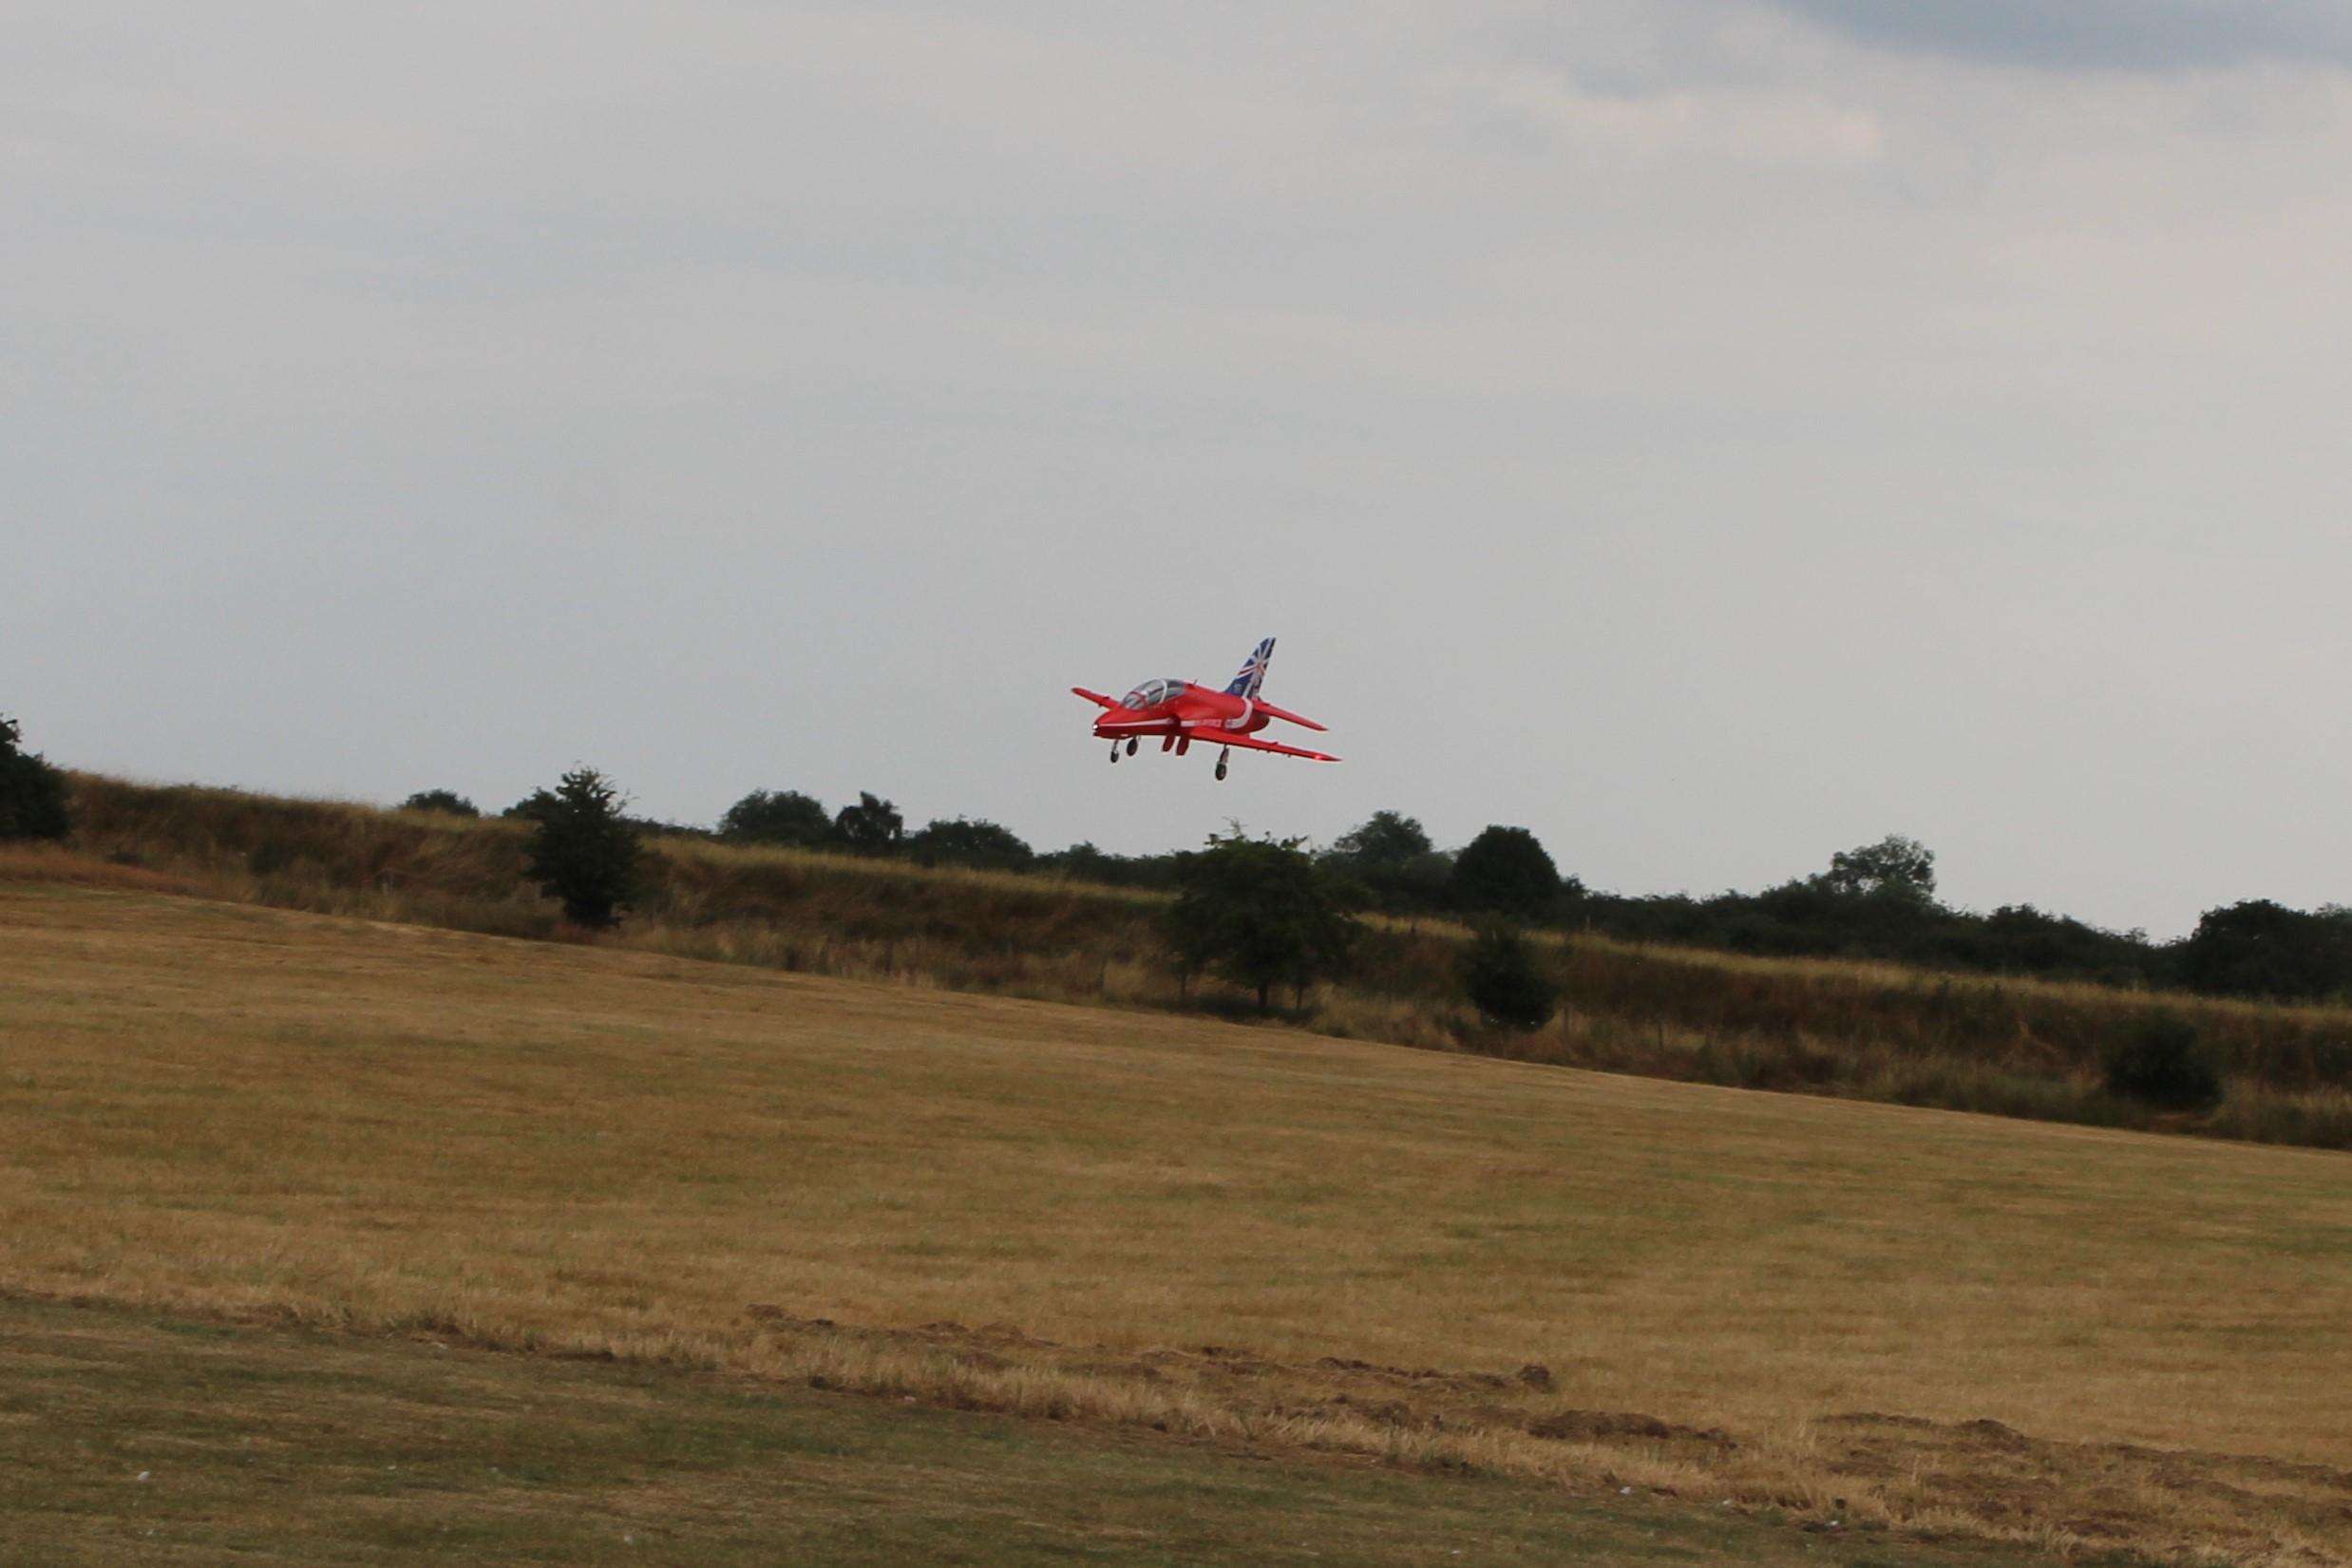 On final approach gear down